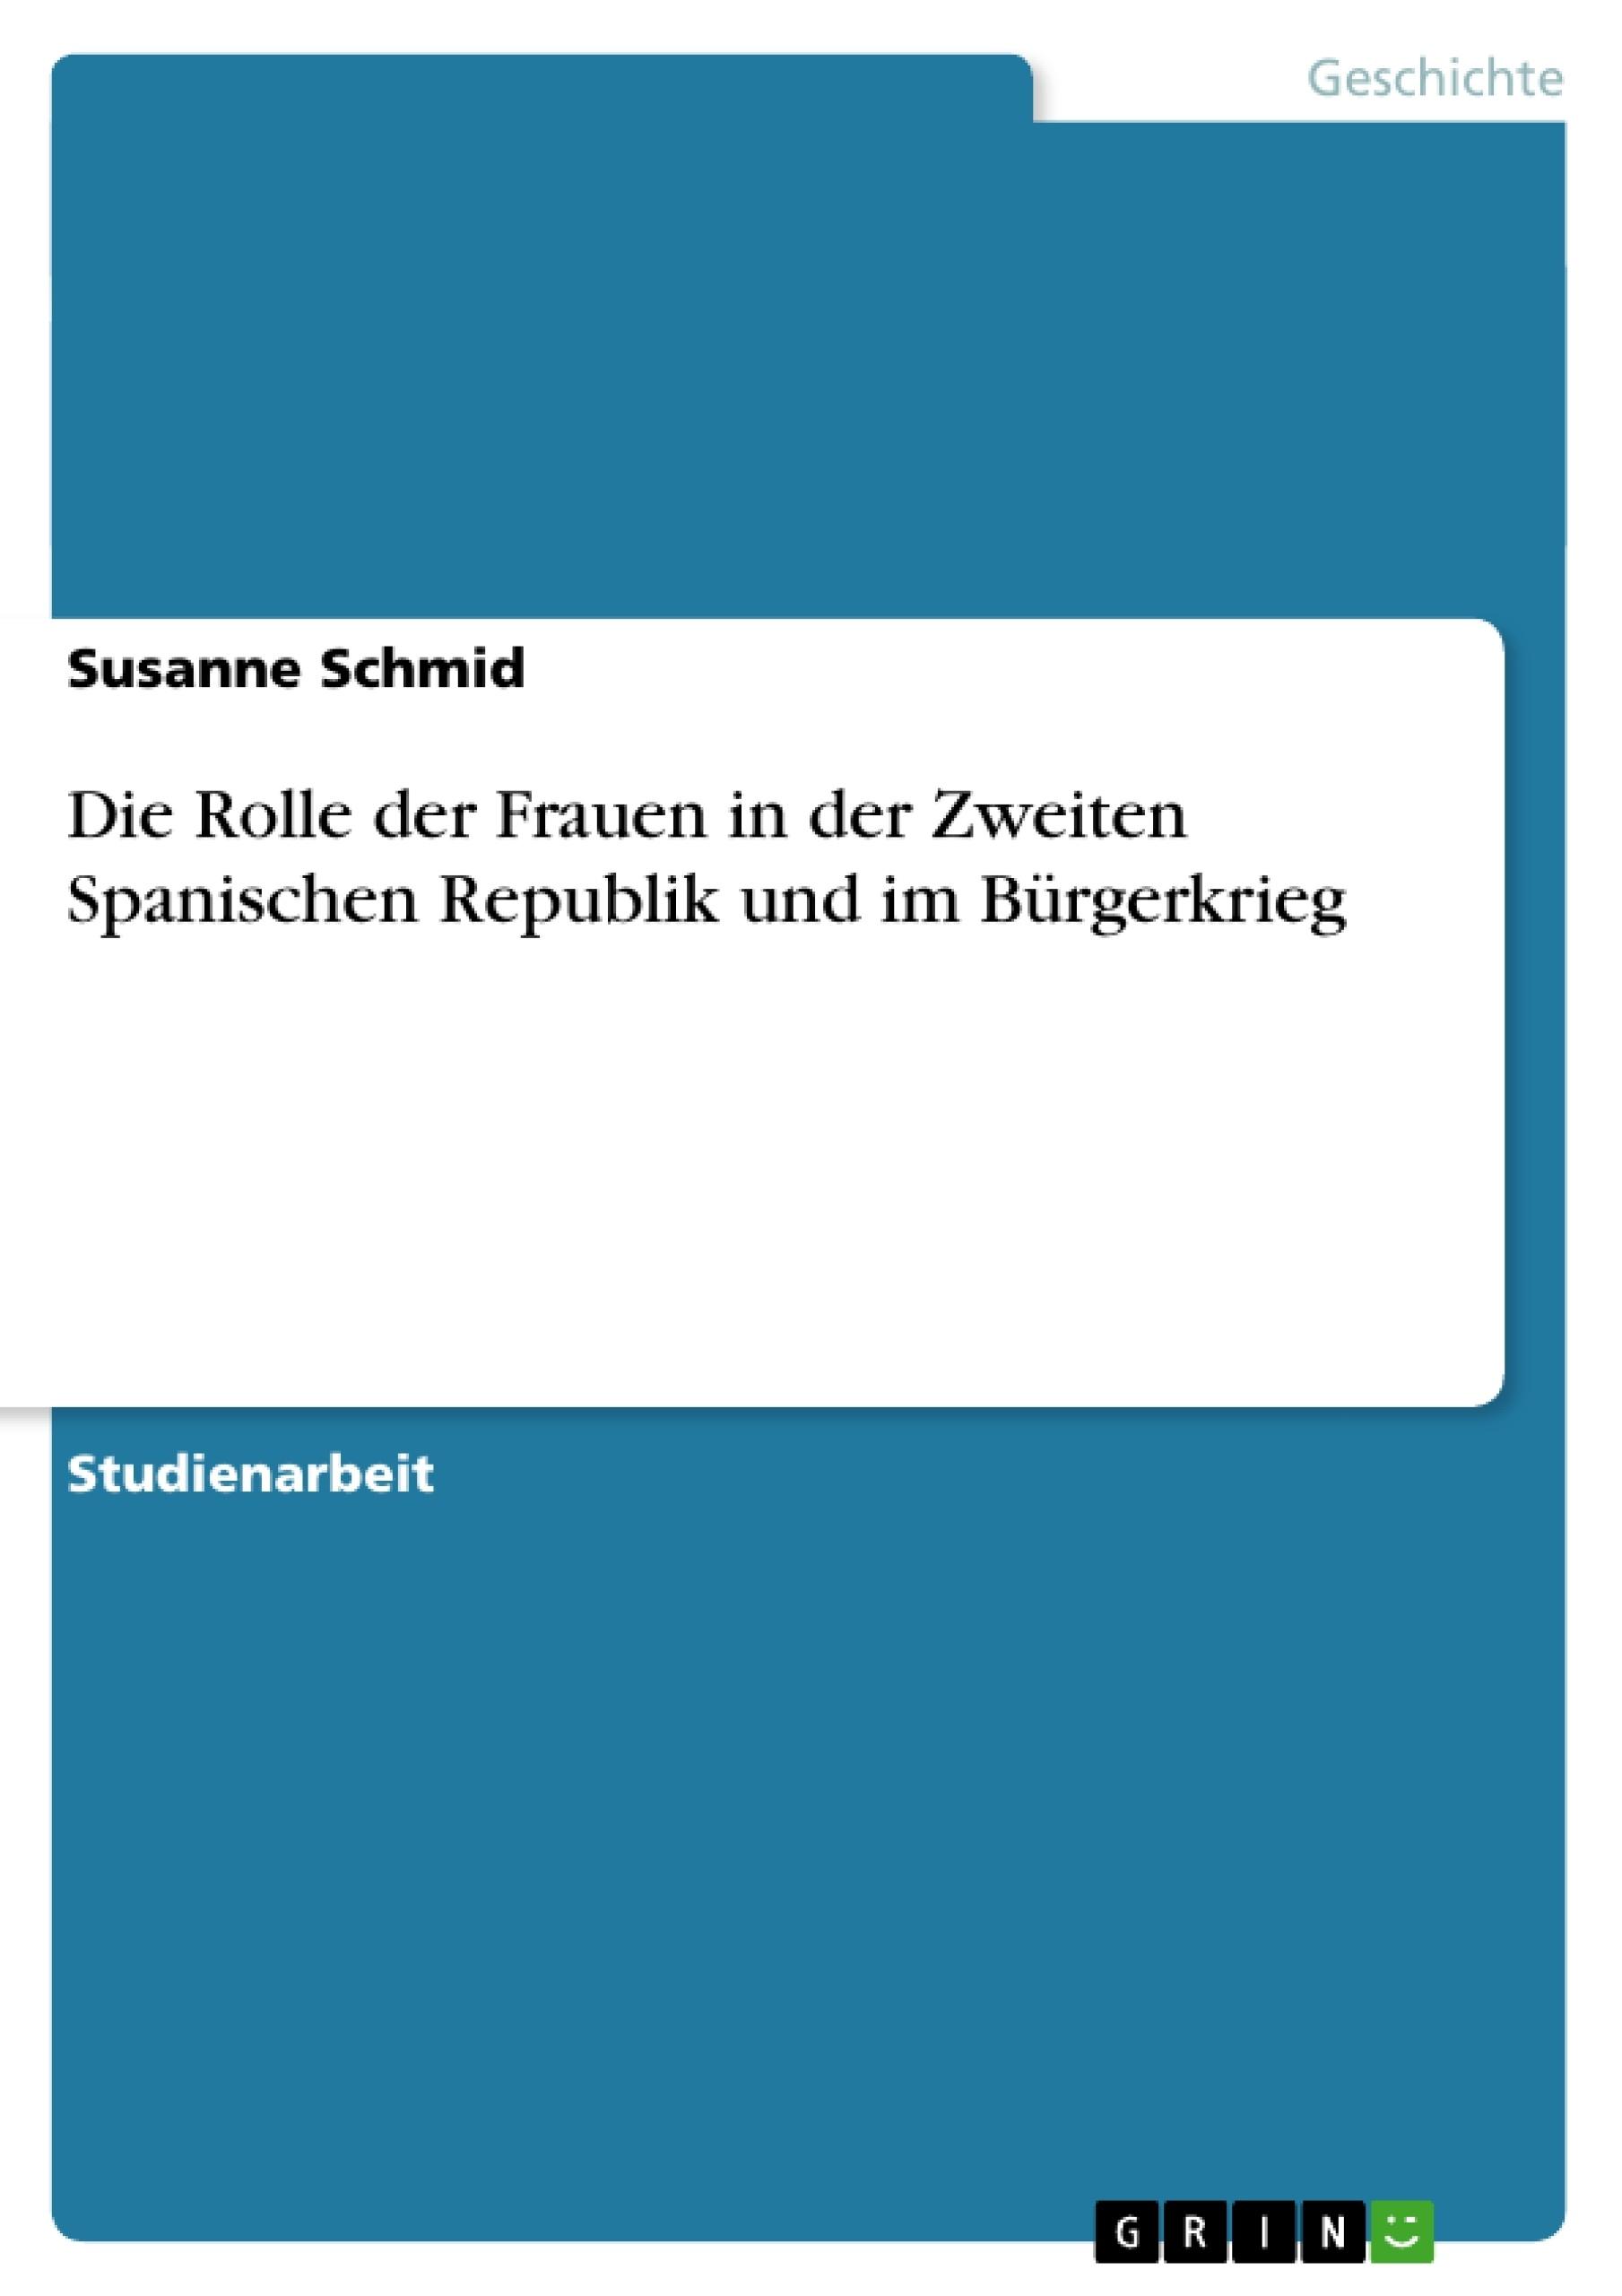 Titel: Die Rolle der Frauen in der Zweiten Spanischen Republik und im Bürgerkrieg